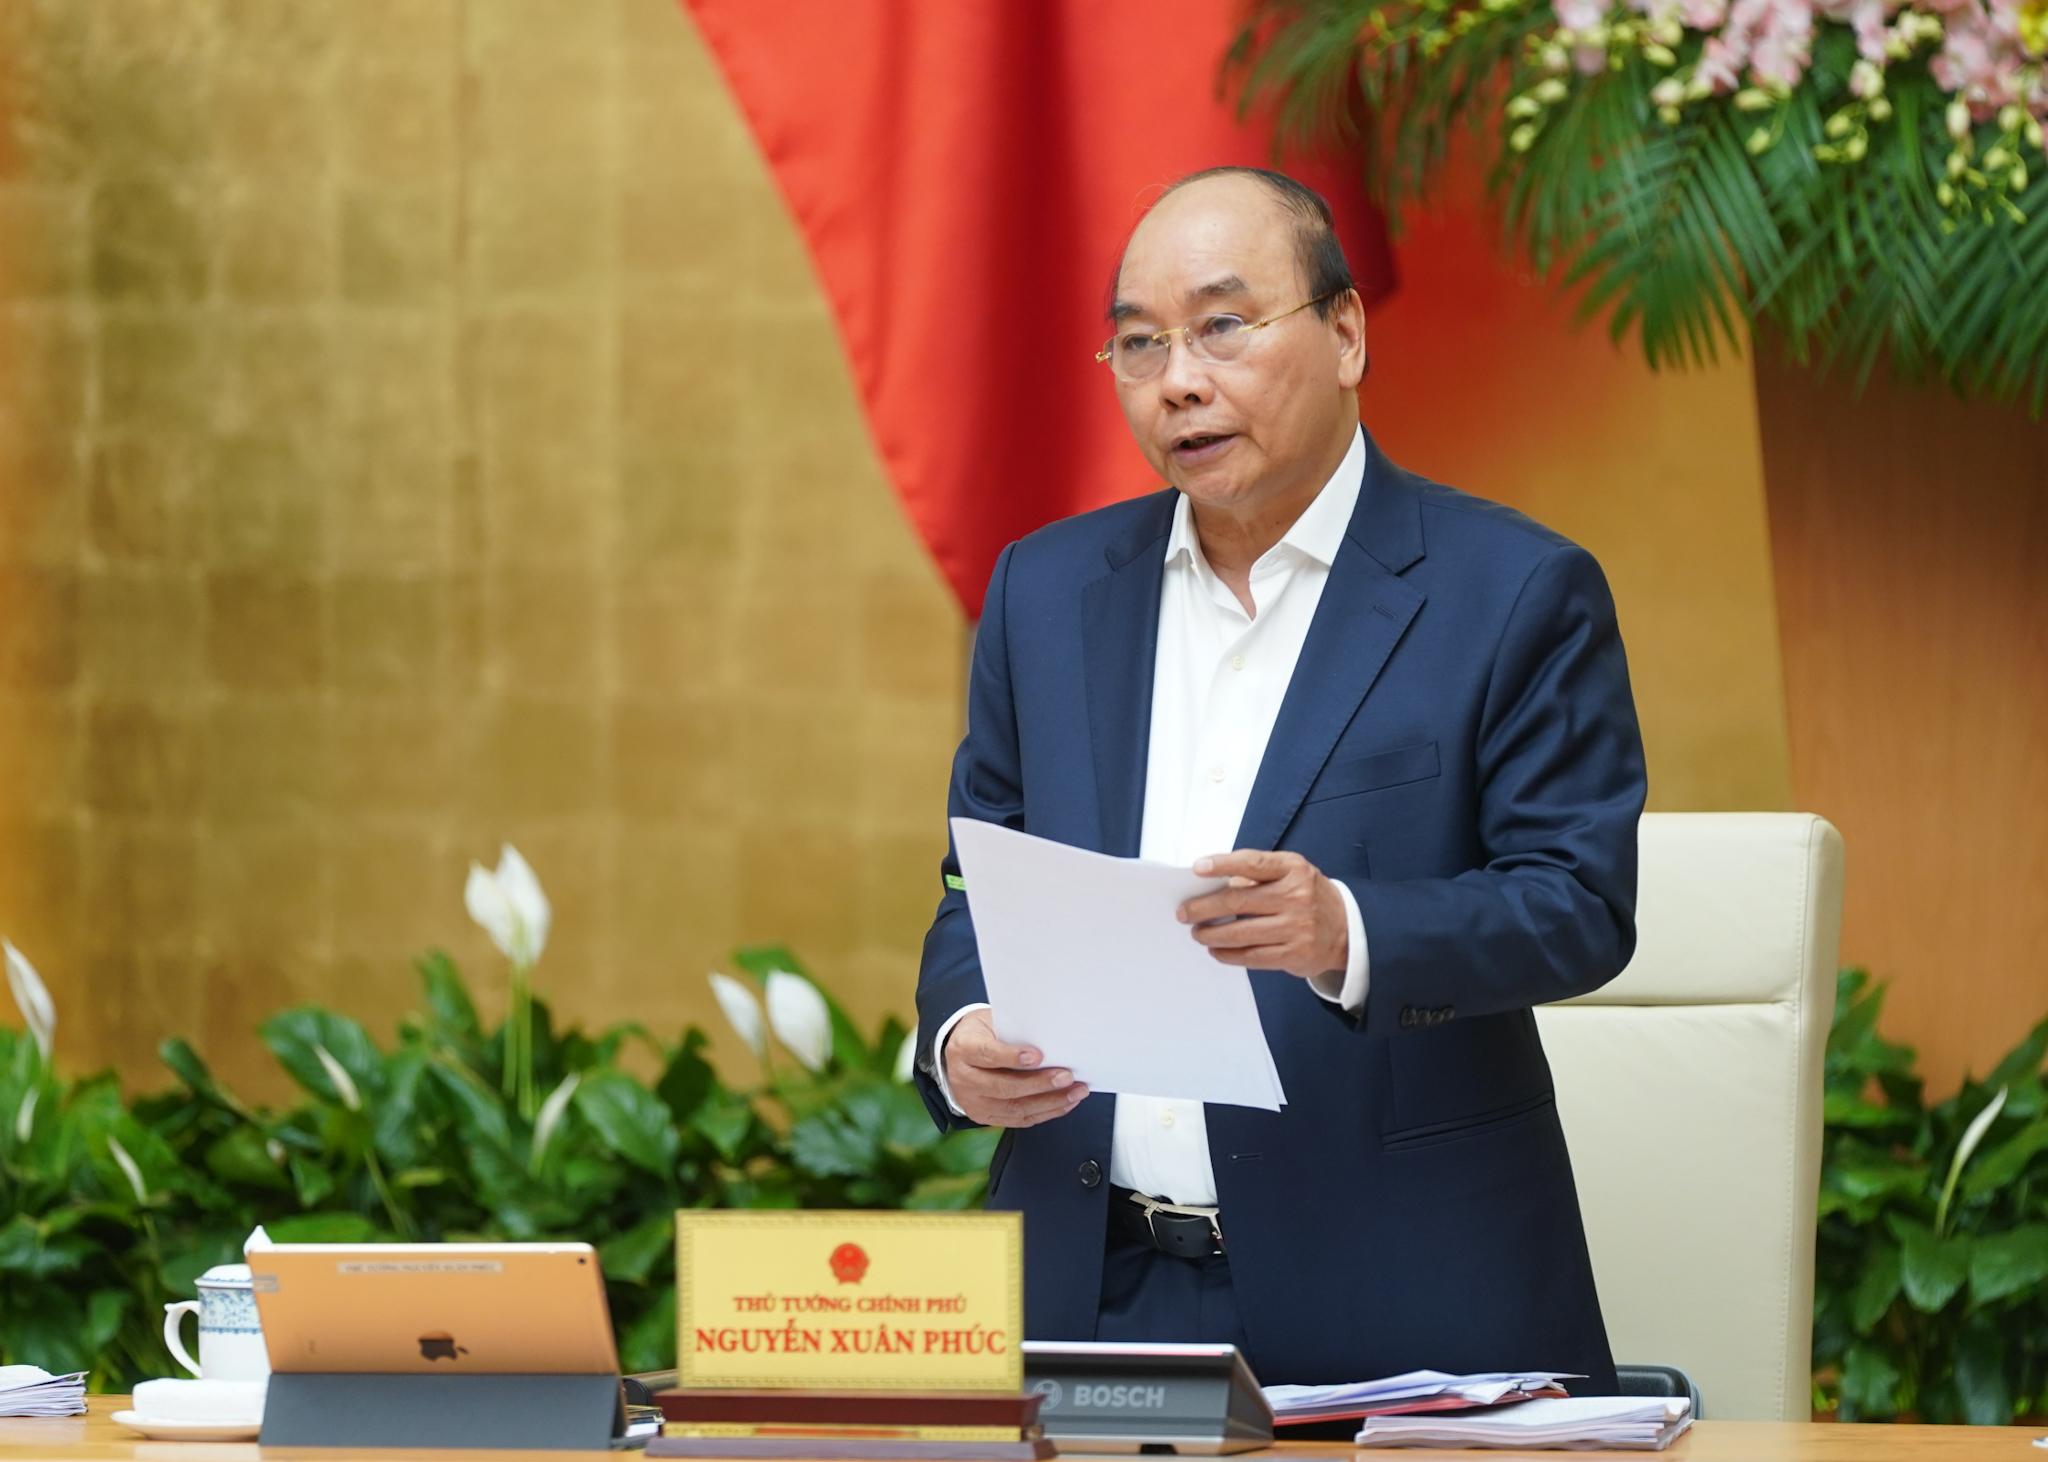 Nghị quyết phiên họp Chính phủ thường kỳ tháng 02/2020